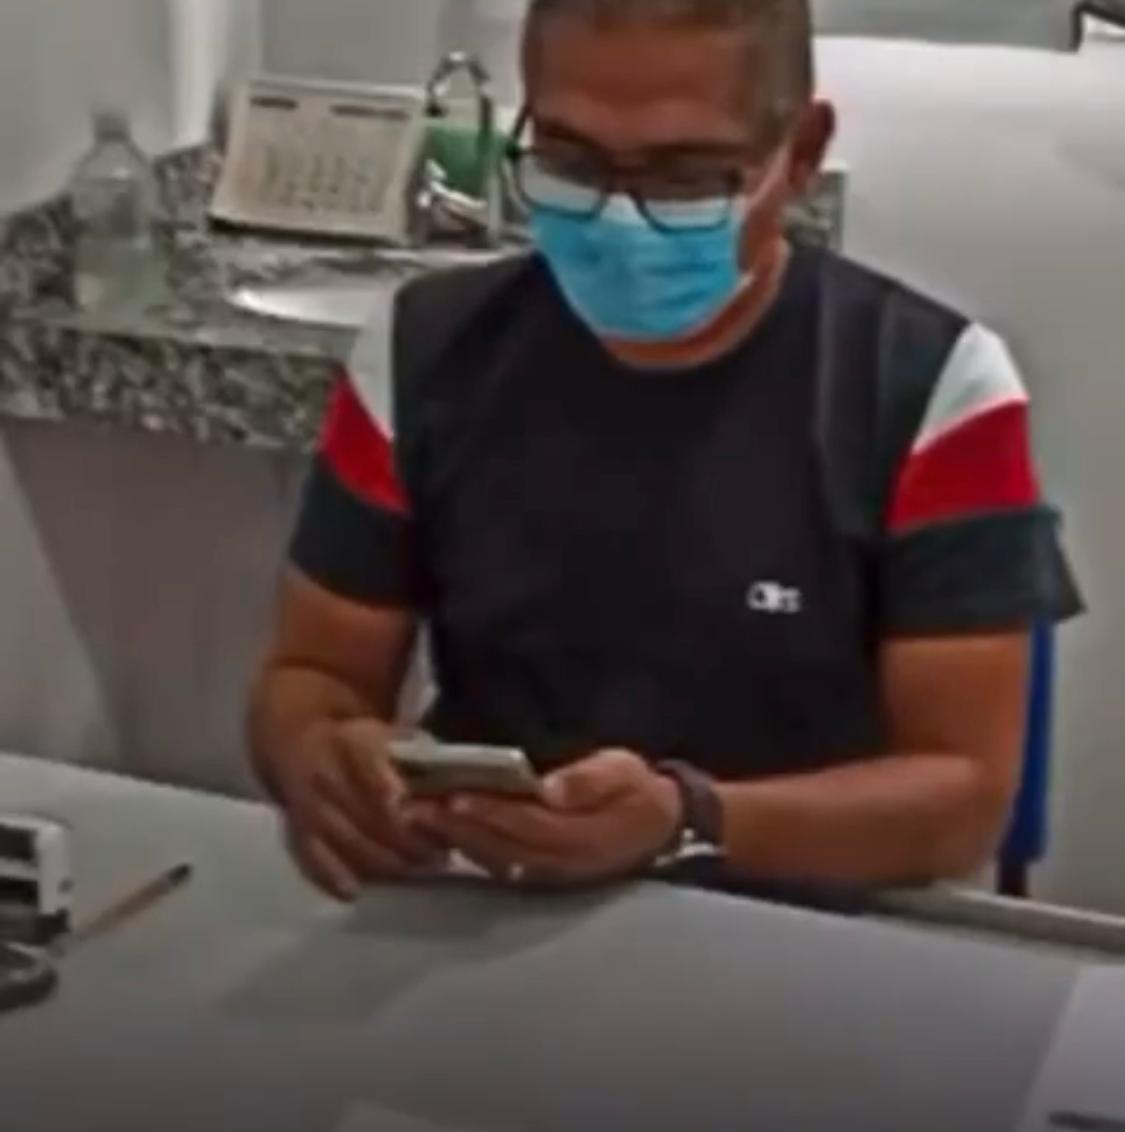 Médico diz que pode matar os pacientes logo no atendimento e que não atende ninguém, principalmente homossexuais no Maranhão